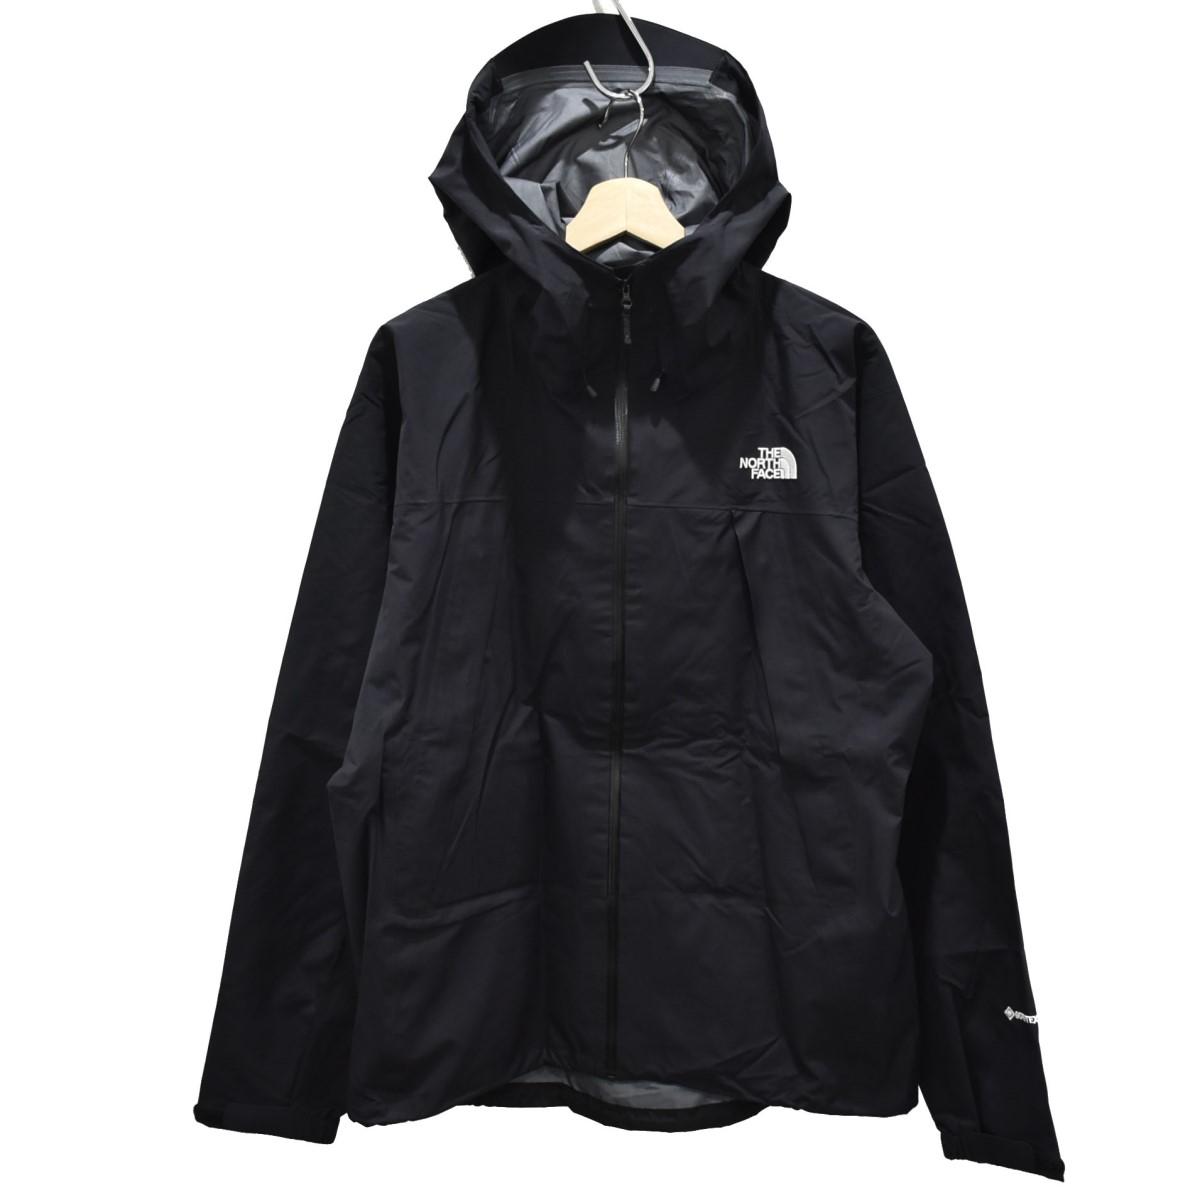 【中古】THE NORTH FACE 20SS NP11503 Climb Light Jacket クライムライトジャケット ブラック サイズ:XL 【020920】(ザノースフェイス)